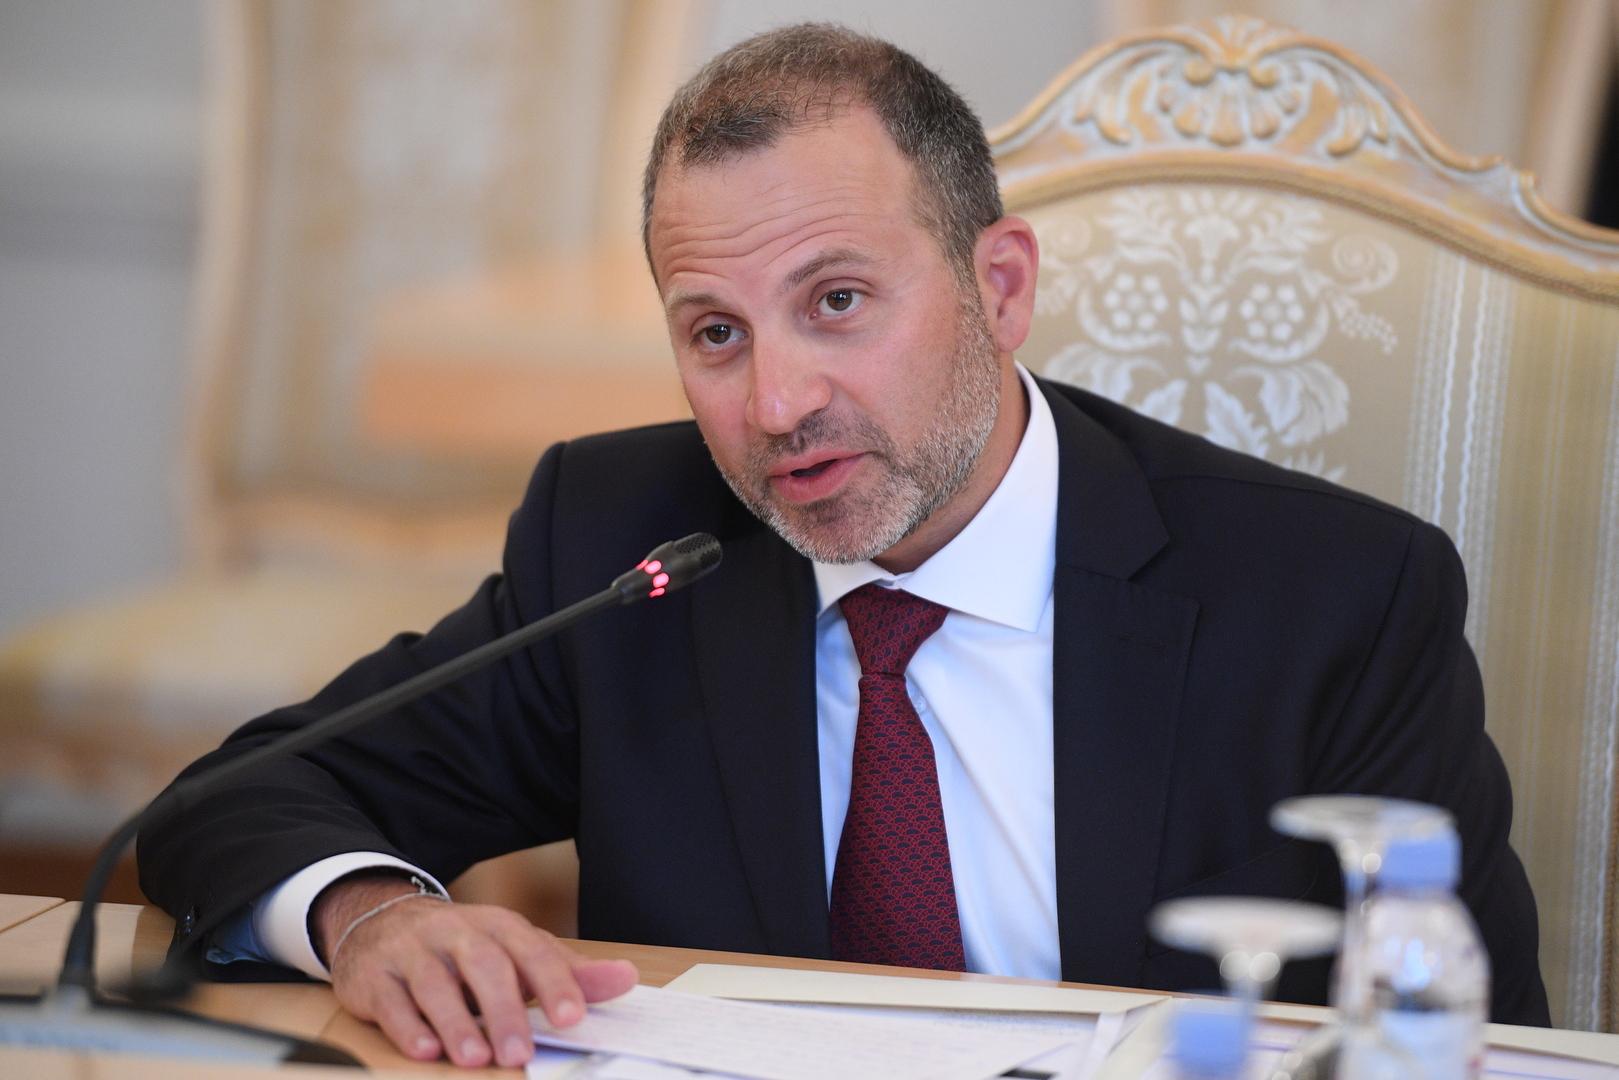 رئيس التيار الوطني الحر في لبنان جبران باسيل